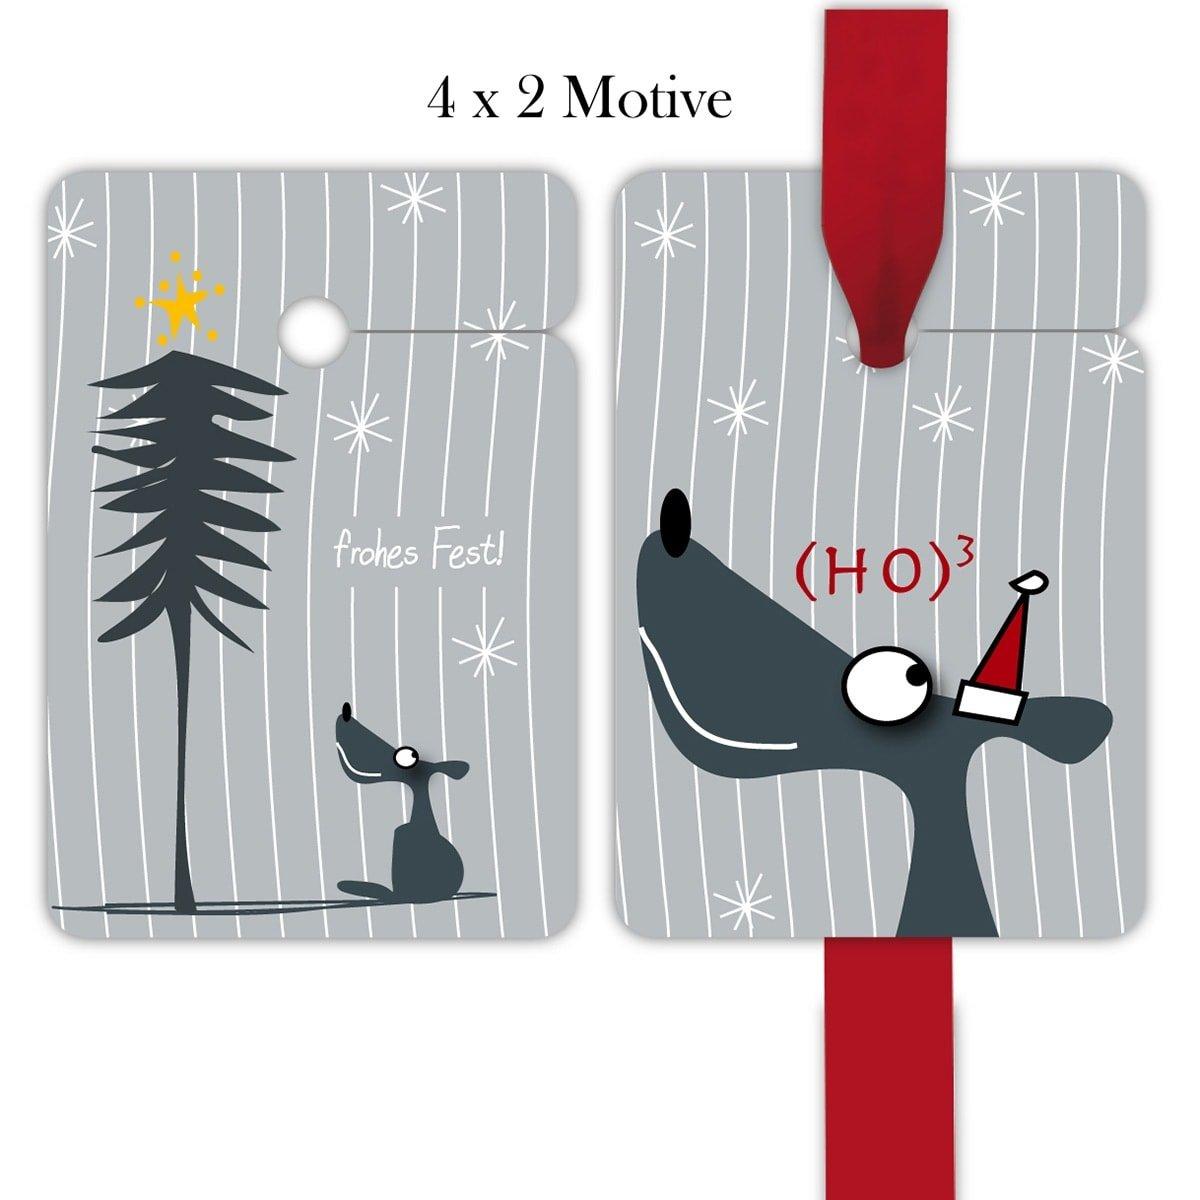 Kartenkaufrausch 10x8 gestreifte Weihnachts Geschenkanhänger | Deko Geschenkkarten | Papieranhänger | Etiketten Format 10 x 6,9cm mit lustige Wolf: (Ho) 3 | frohes Fest